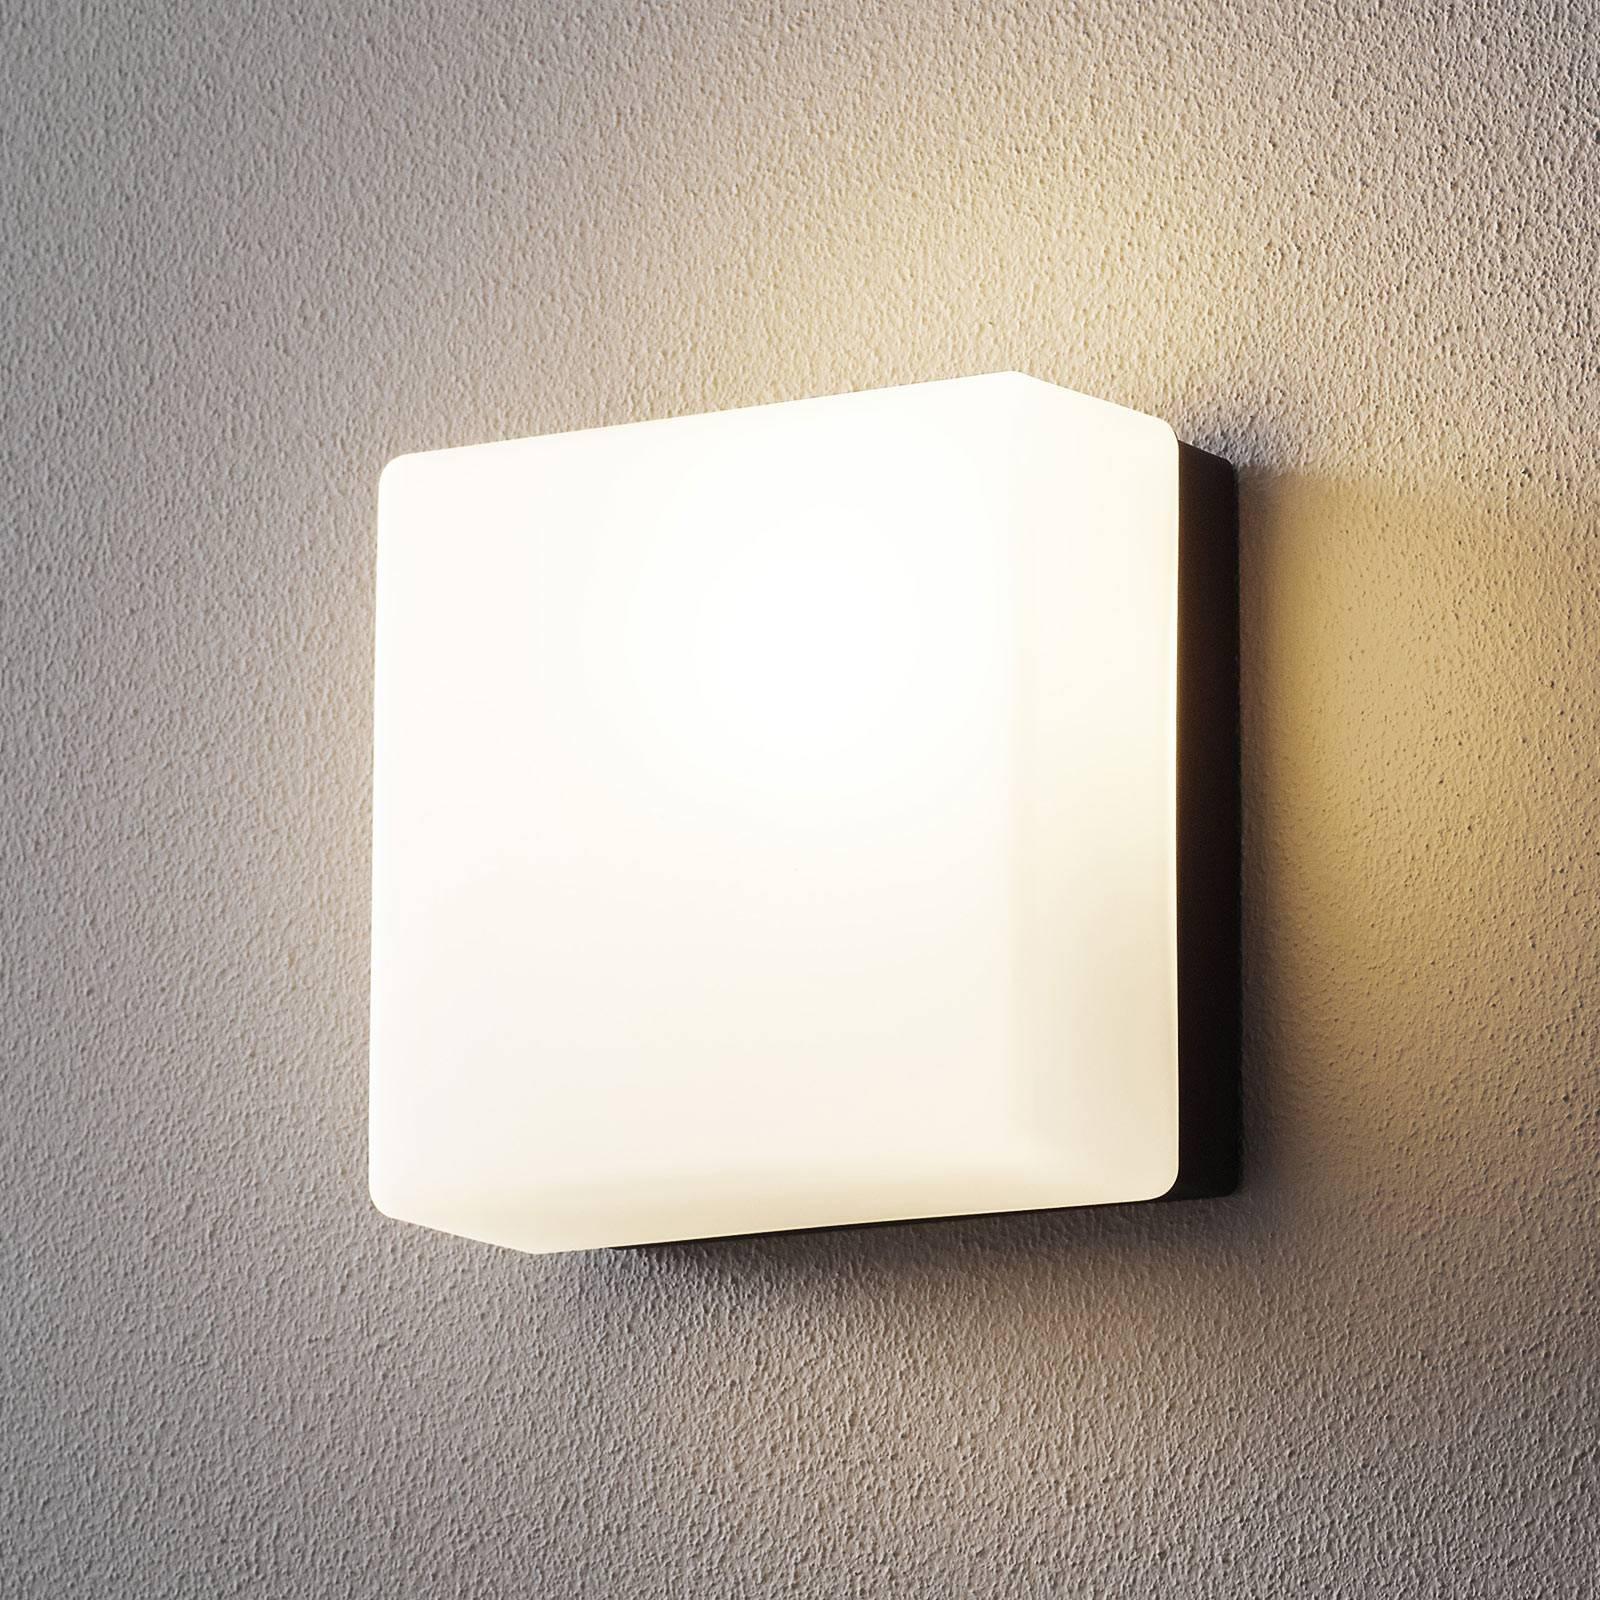 BEGA lichtbouwsteen 33862 wandlamp 16x16cm, E14